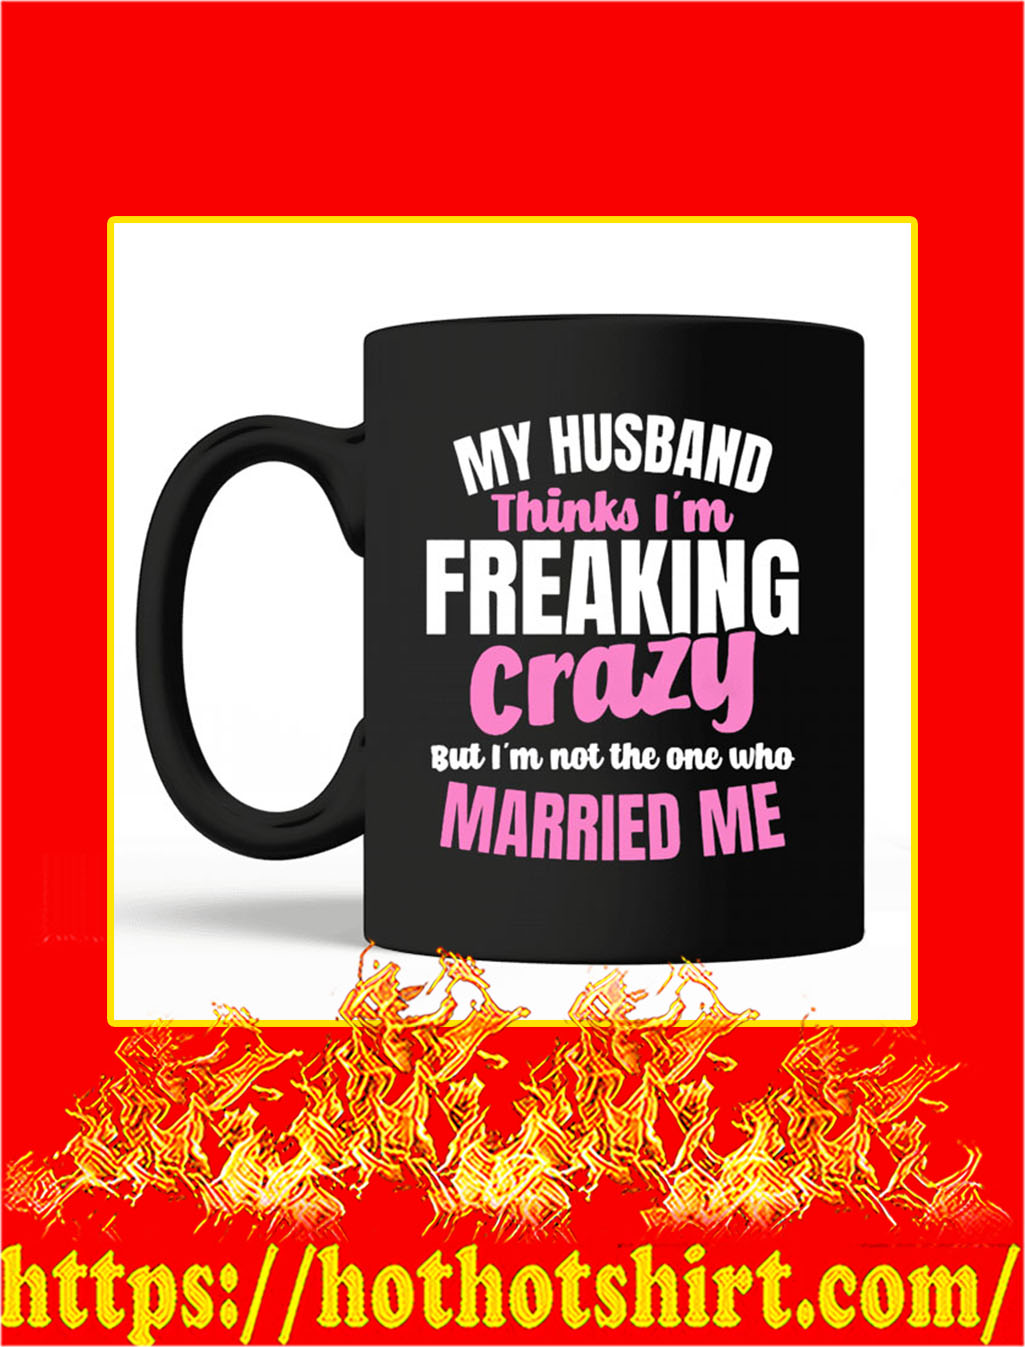 My Husband Thinks I'm Freaking Crazy Mug